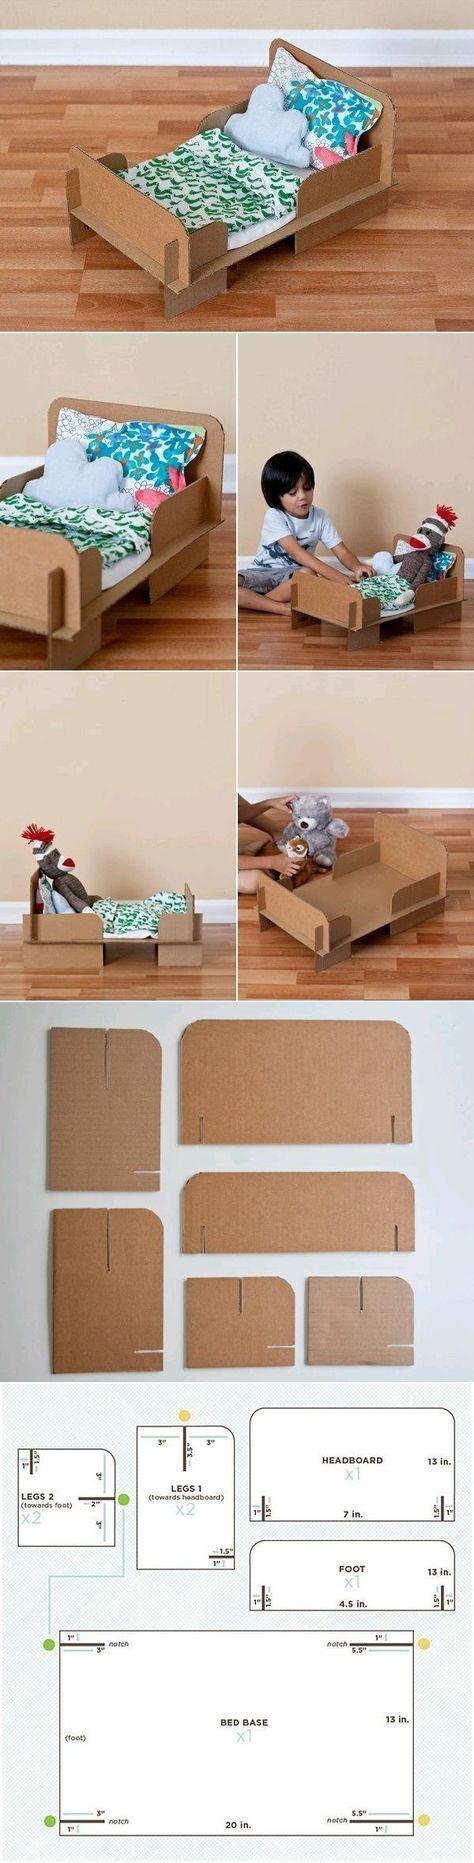 Cama de juguete reciclando cartón